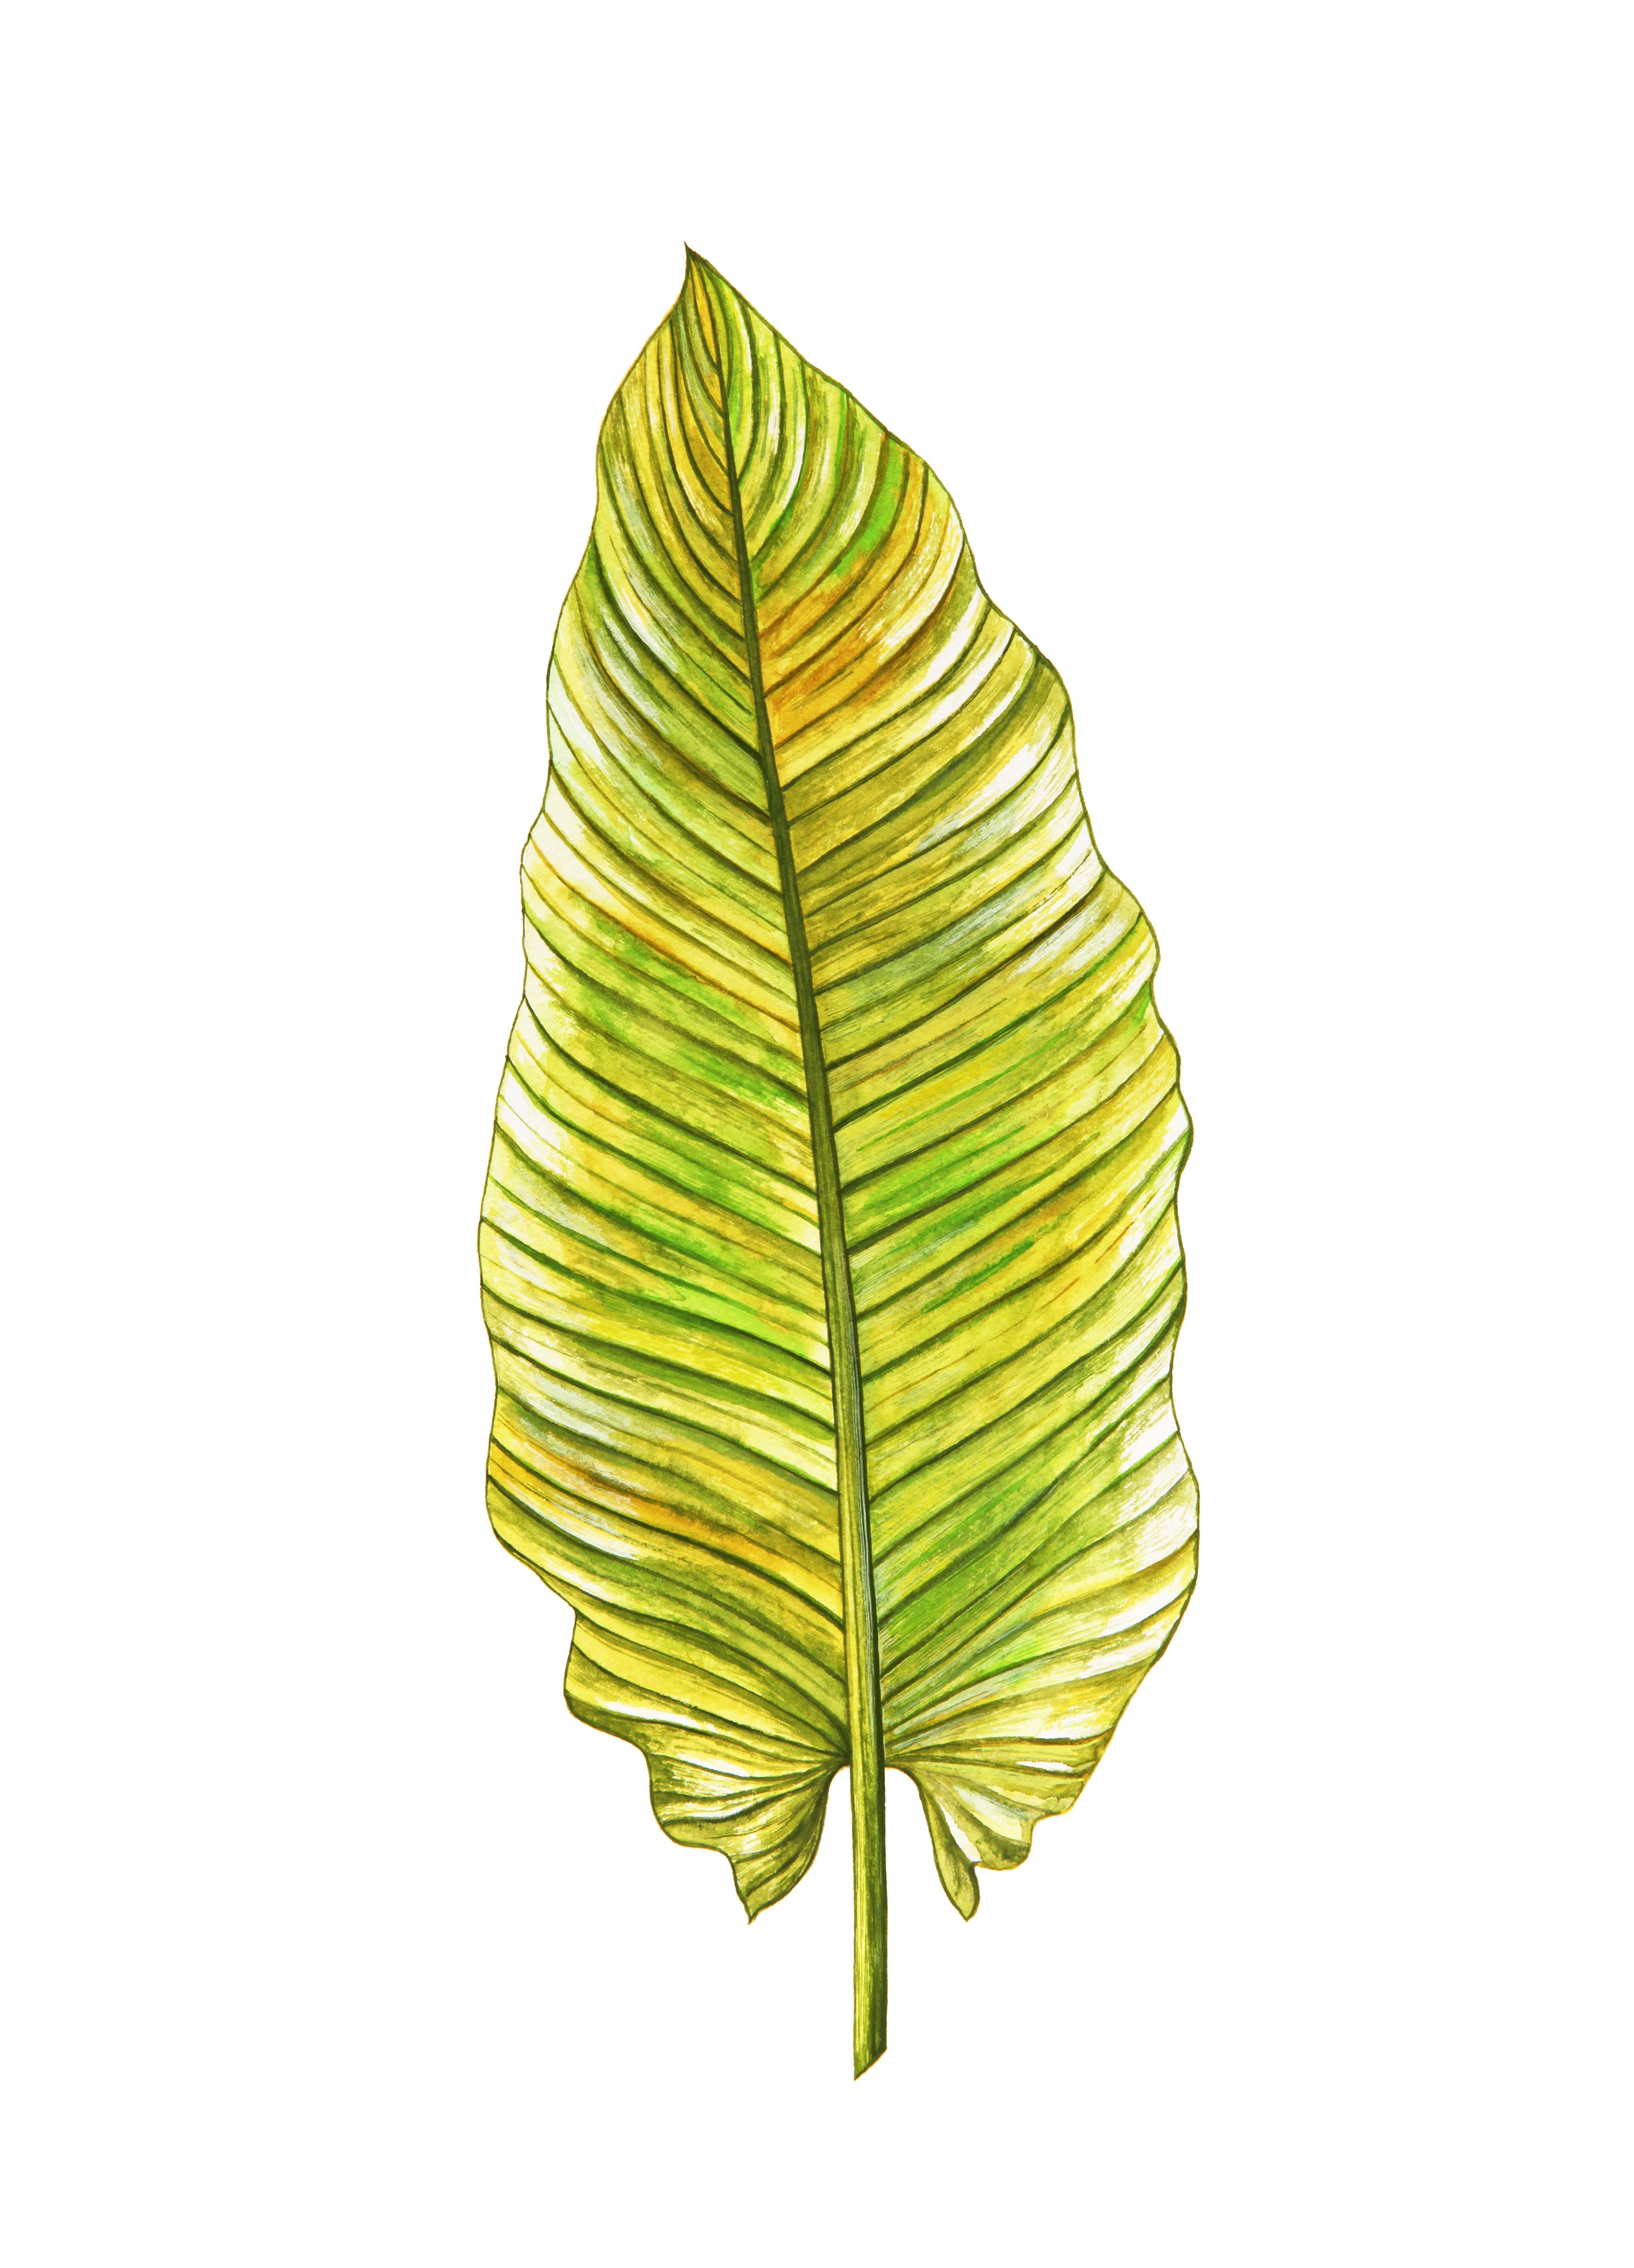 Gambar Tropis Hijau Kuning Daun Botani Artistik